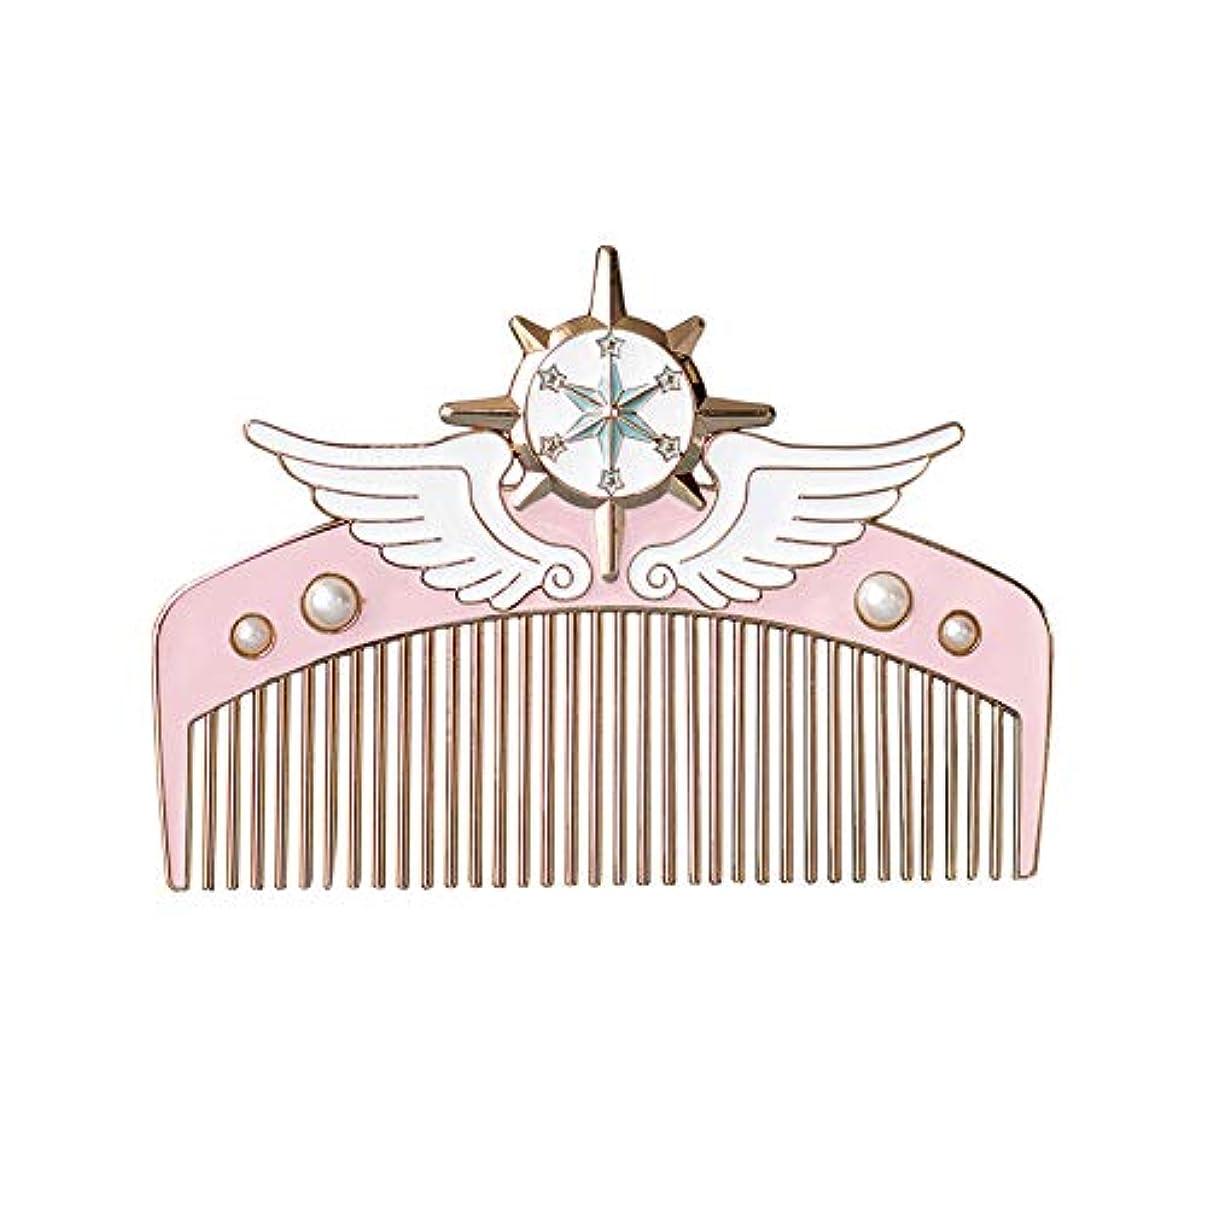 フロー薬局ルーライフ小屋 櫛 ヘアブラシ カードキャプターさくら セーラームーン 可愛い ピンク 細歯 夢の杖櫛 半月形 ヘアブラシ 子供の髪 贈り物 プレゼント